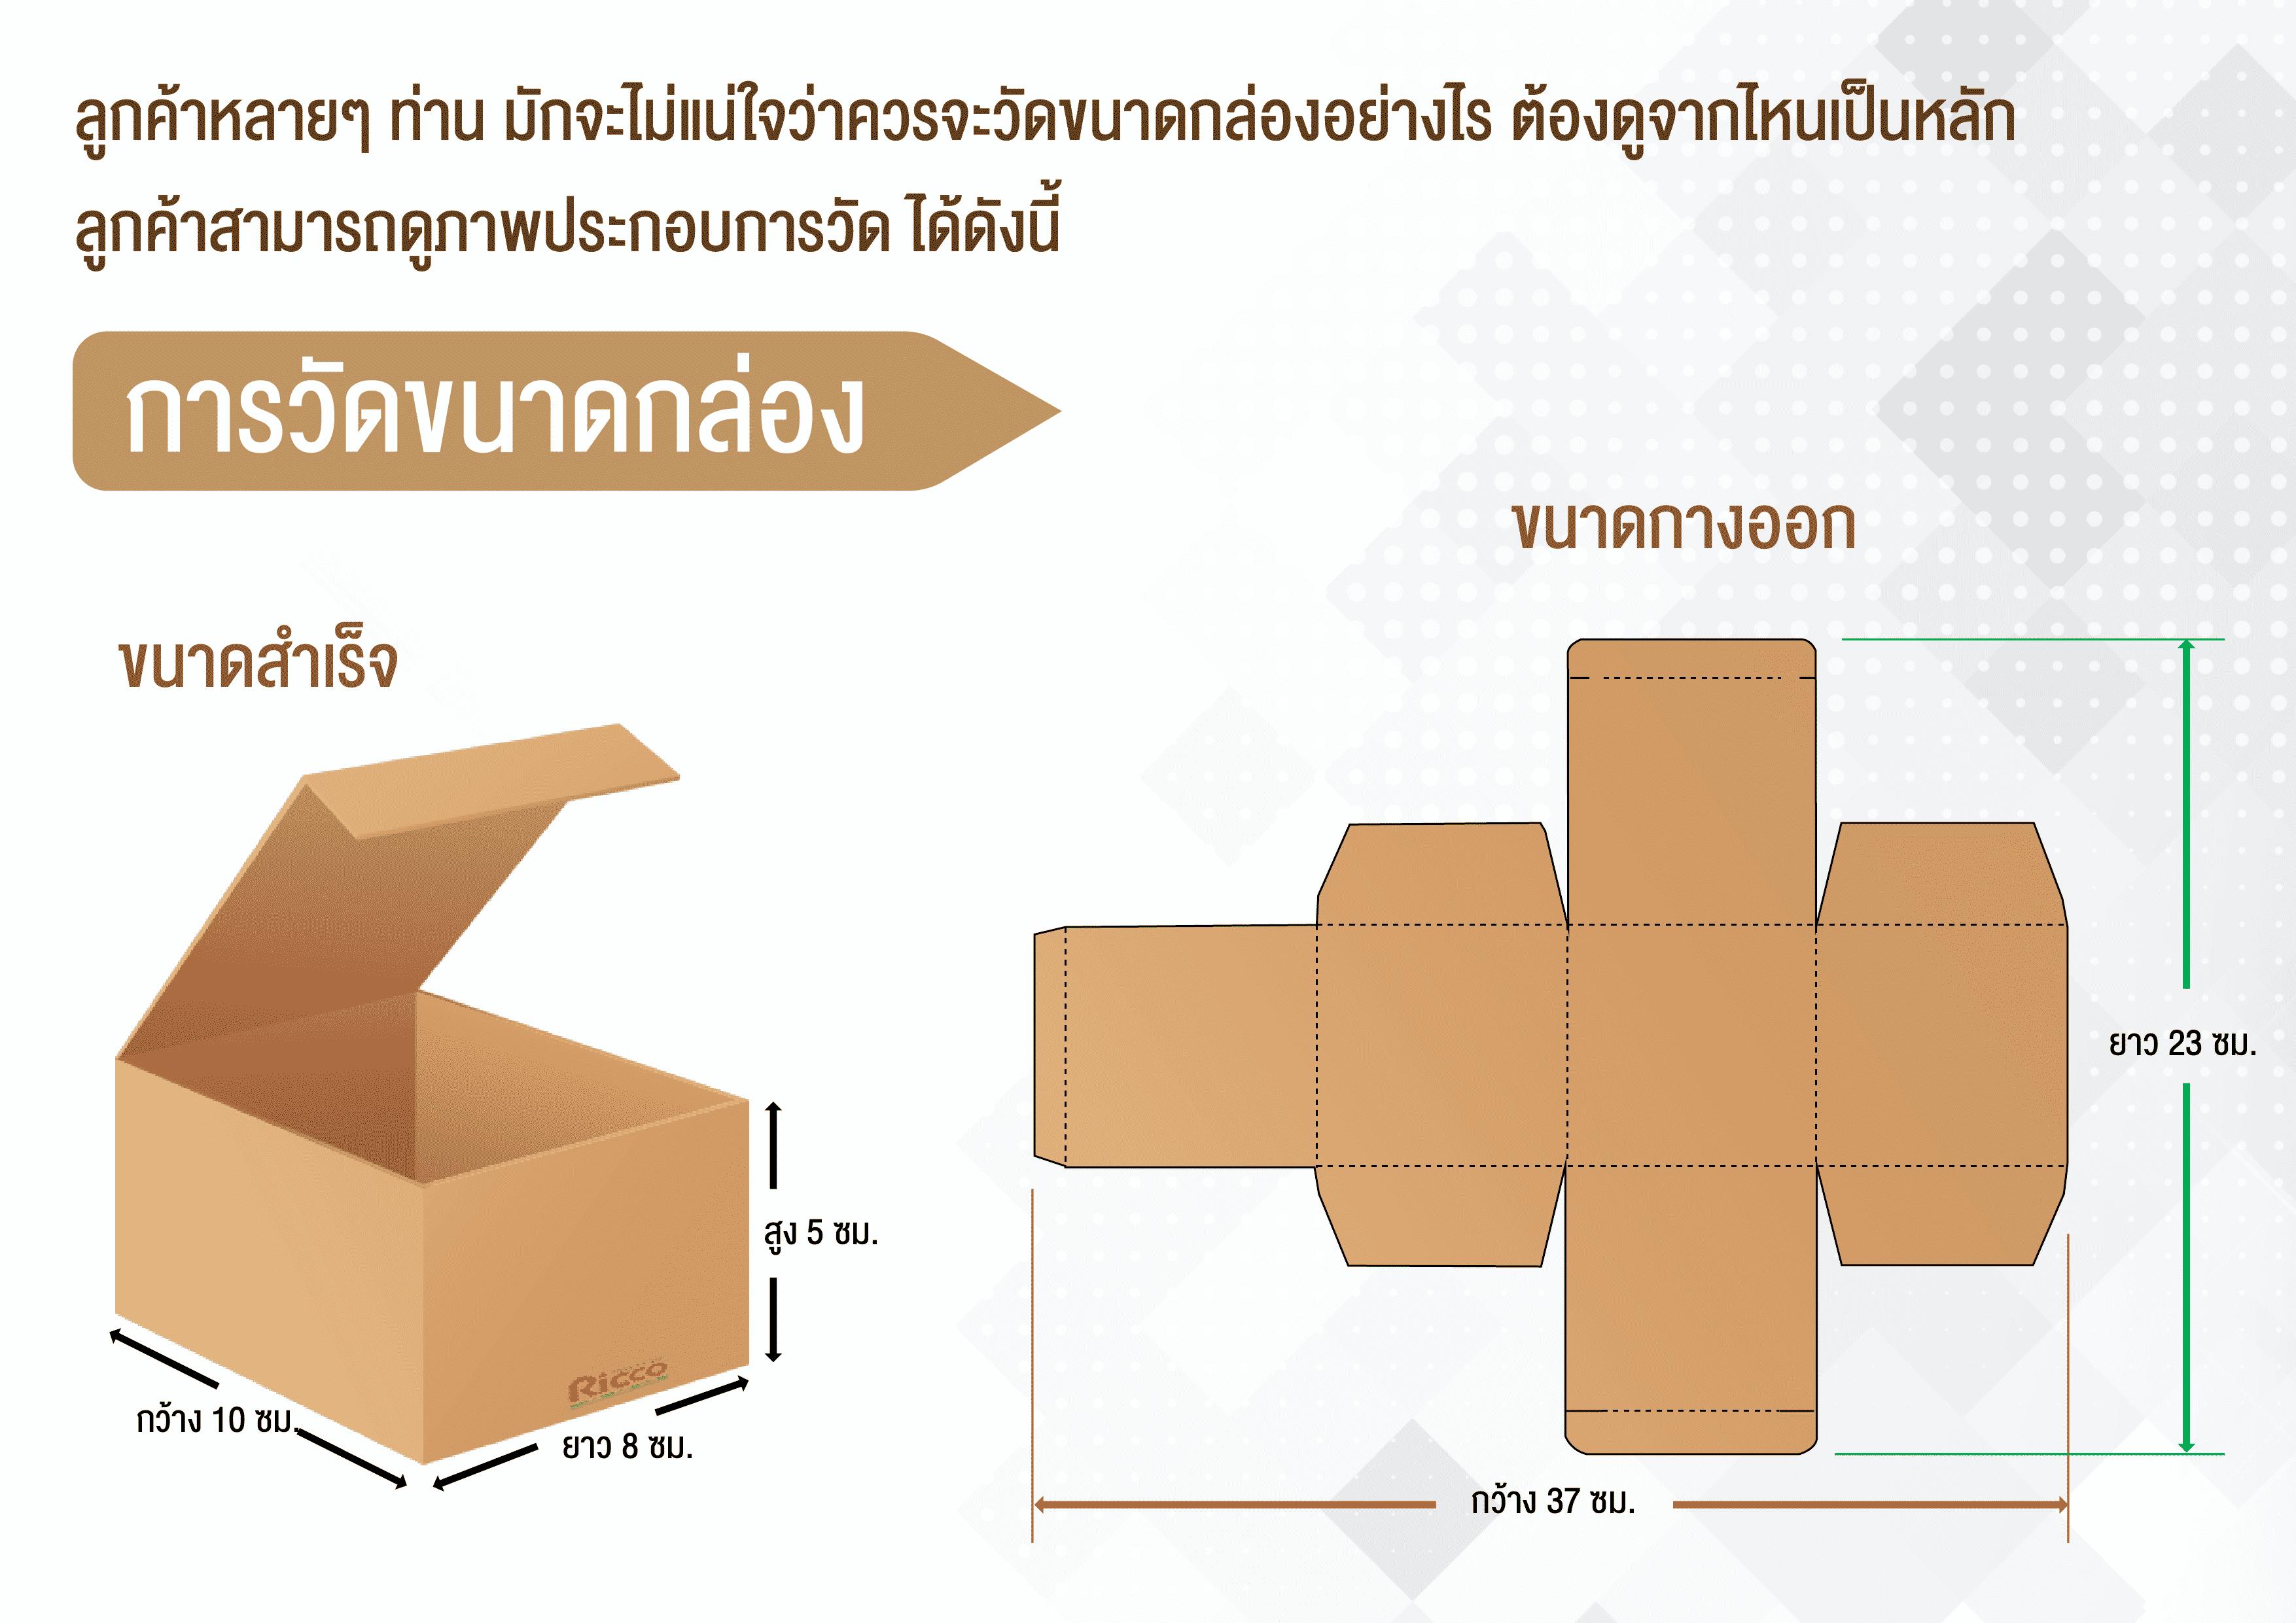 รูป Present Packaging Ricco 05 - ประกอบเนื้อหา กล่องบรรจุภัณฑ์